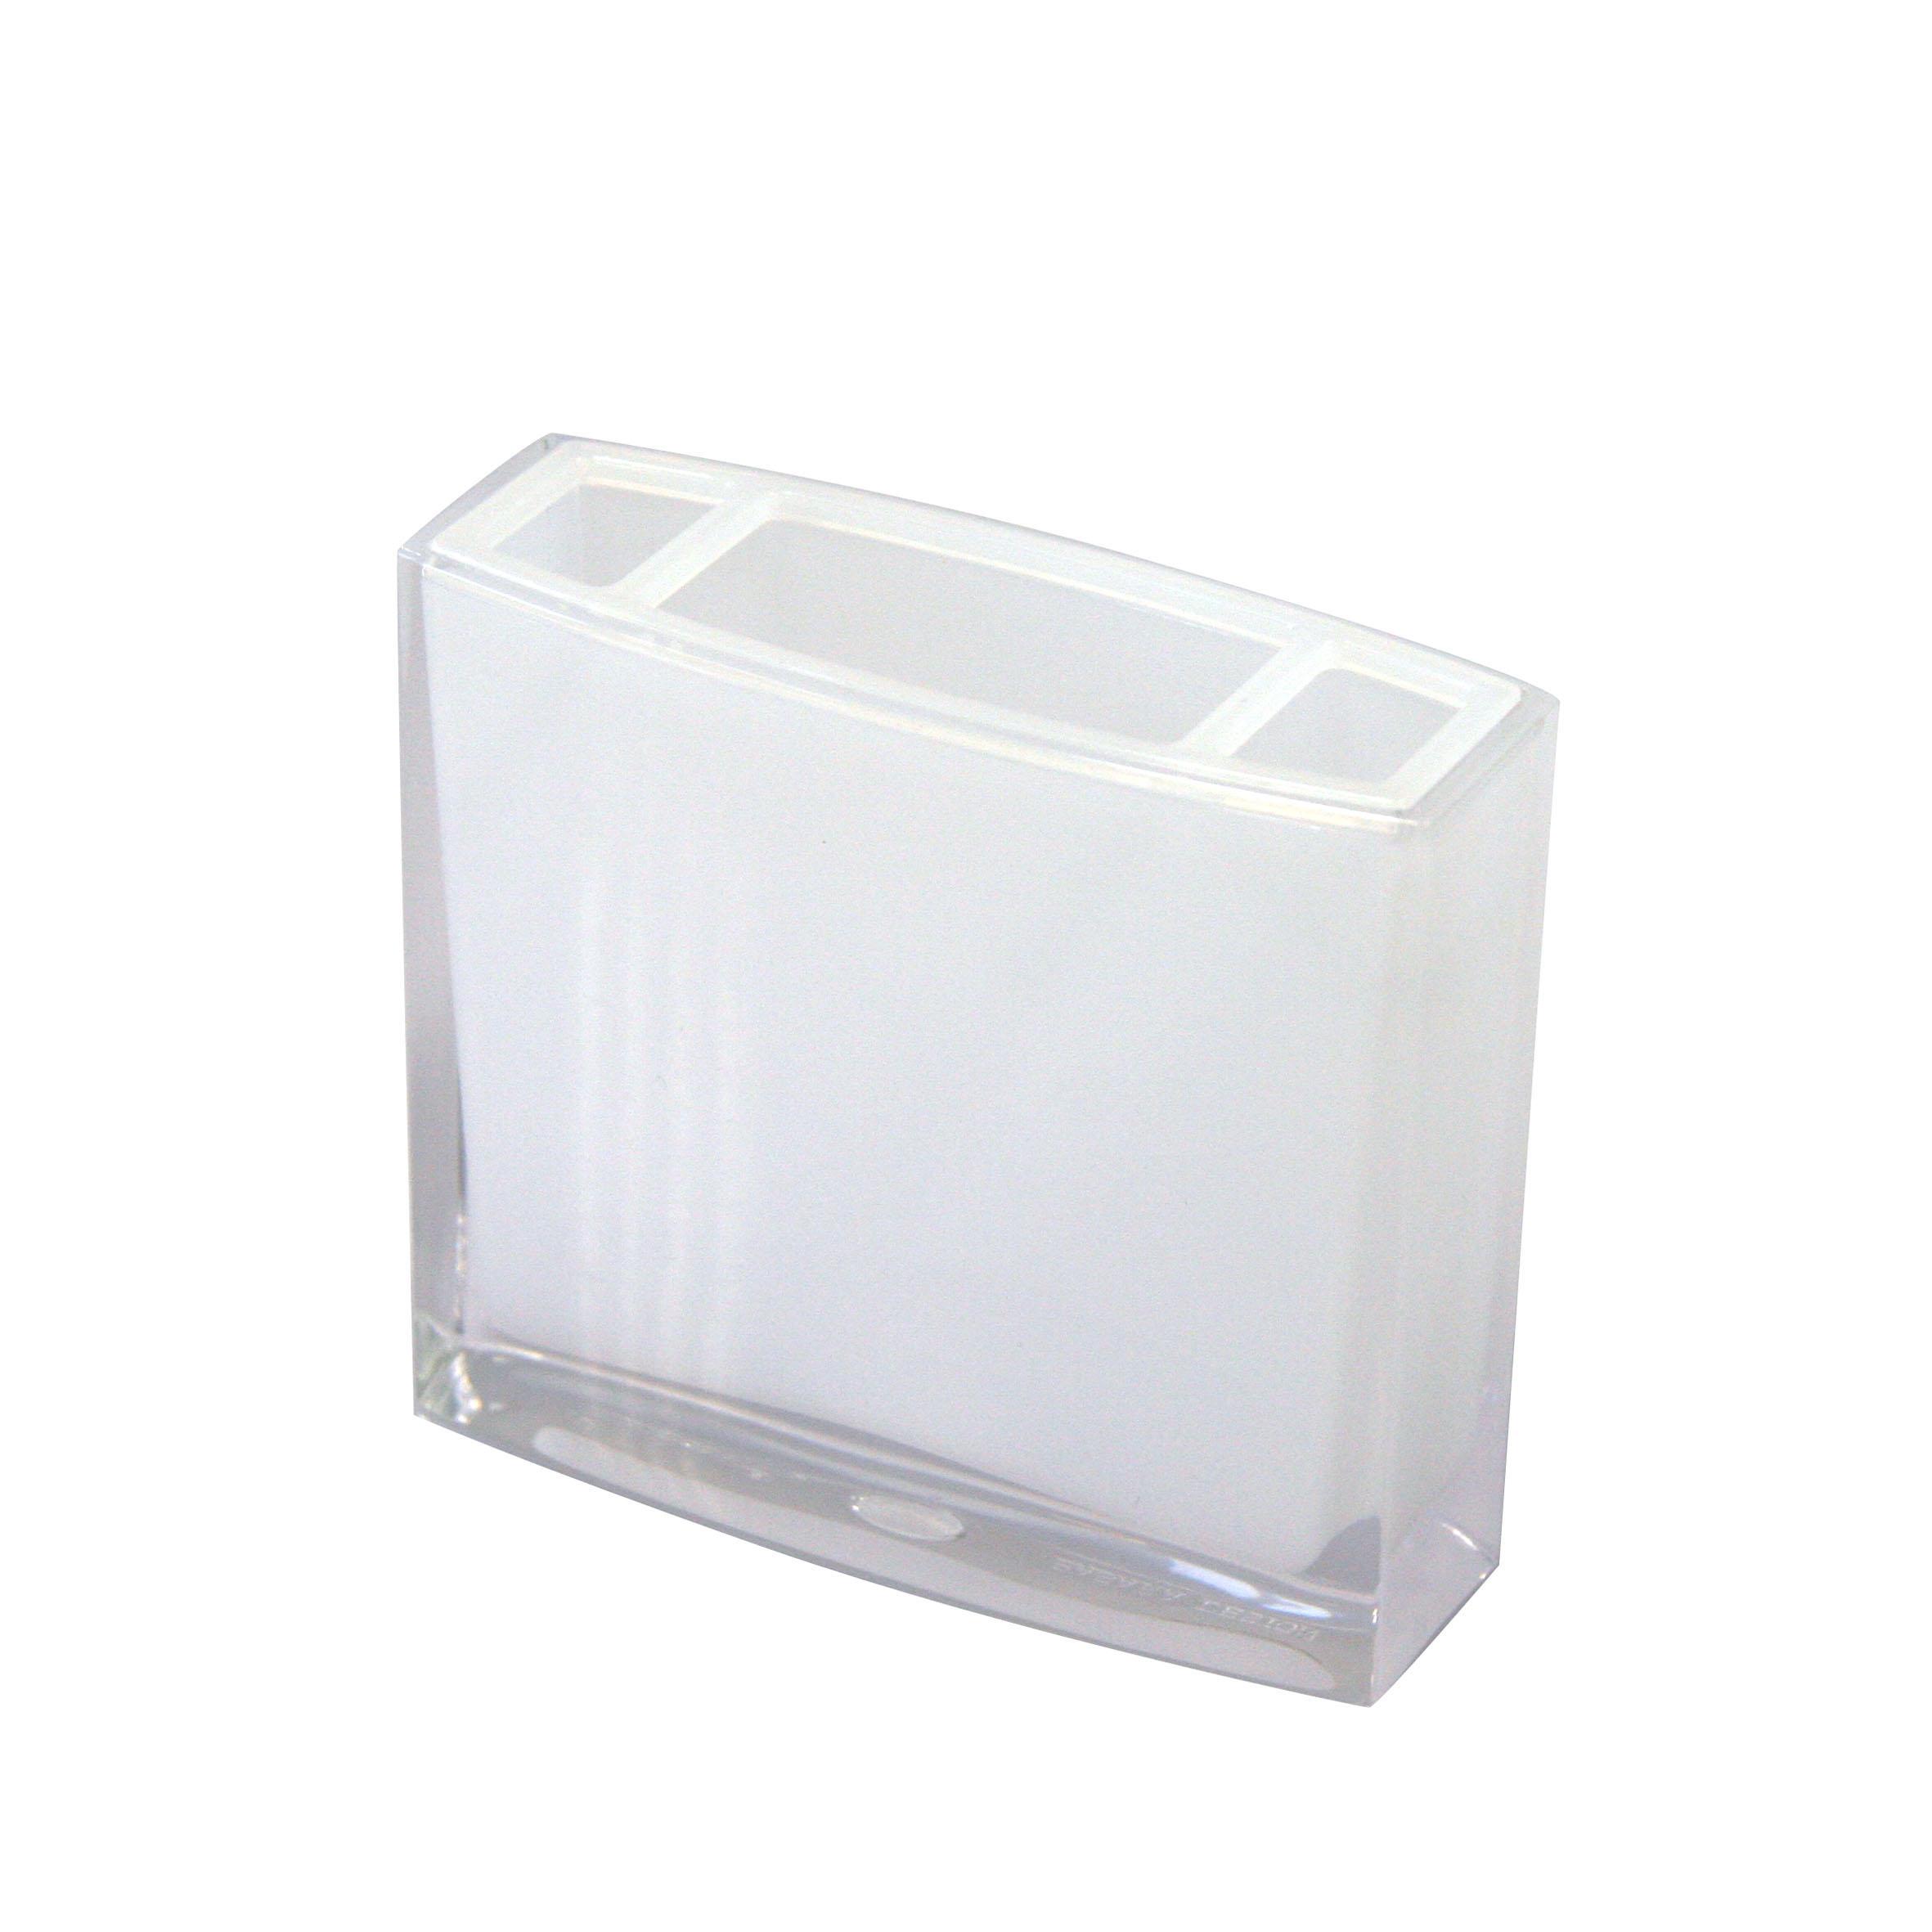 Стакан для зубных щеток Axentia Priamos, цвет: белый, высота 10,5 см282323Стакан для зубных щеток Axentia Priamos изготовлен из высококачественного акрила белого цвета. Изделие превосходно дополнит интерьер ванной комнаты, отлично сочетается с другими аксессуарами из коллекции Priamos.Размеры стакана: 10,5х 9,5 х 3 см.